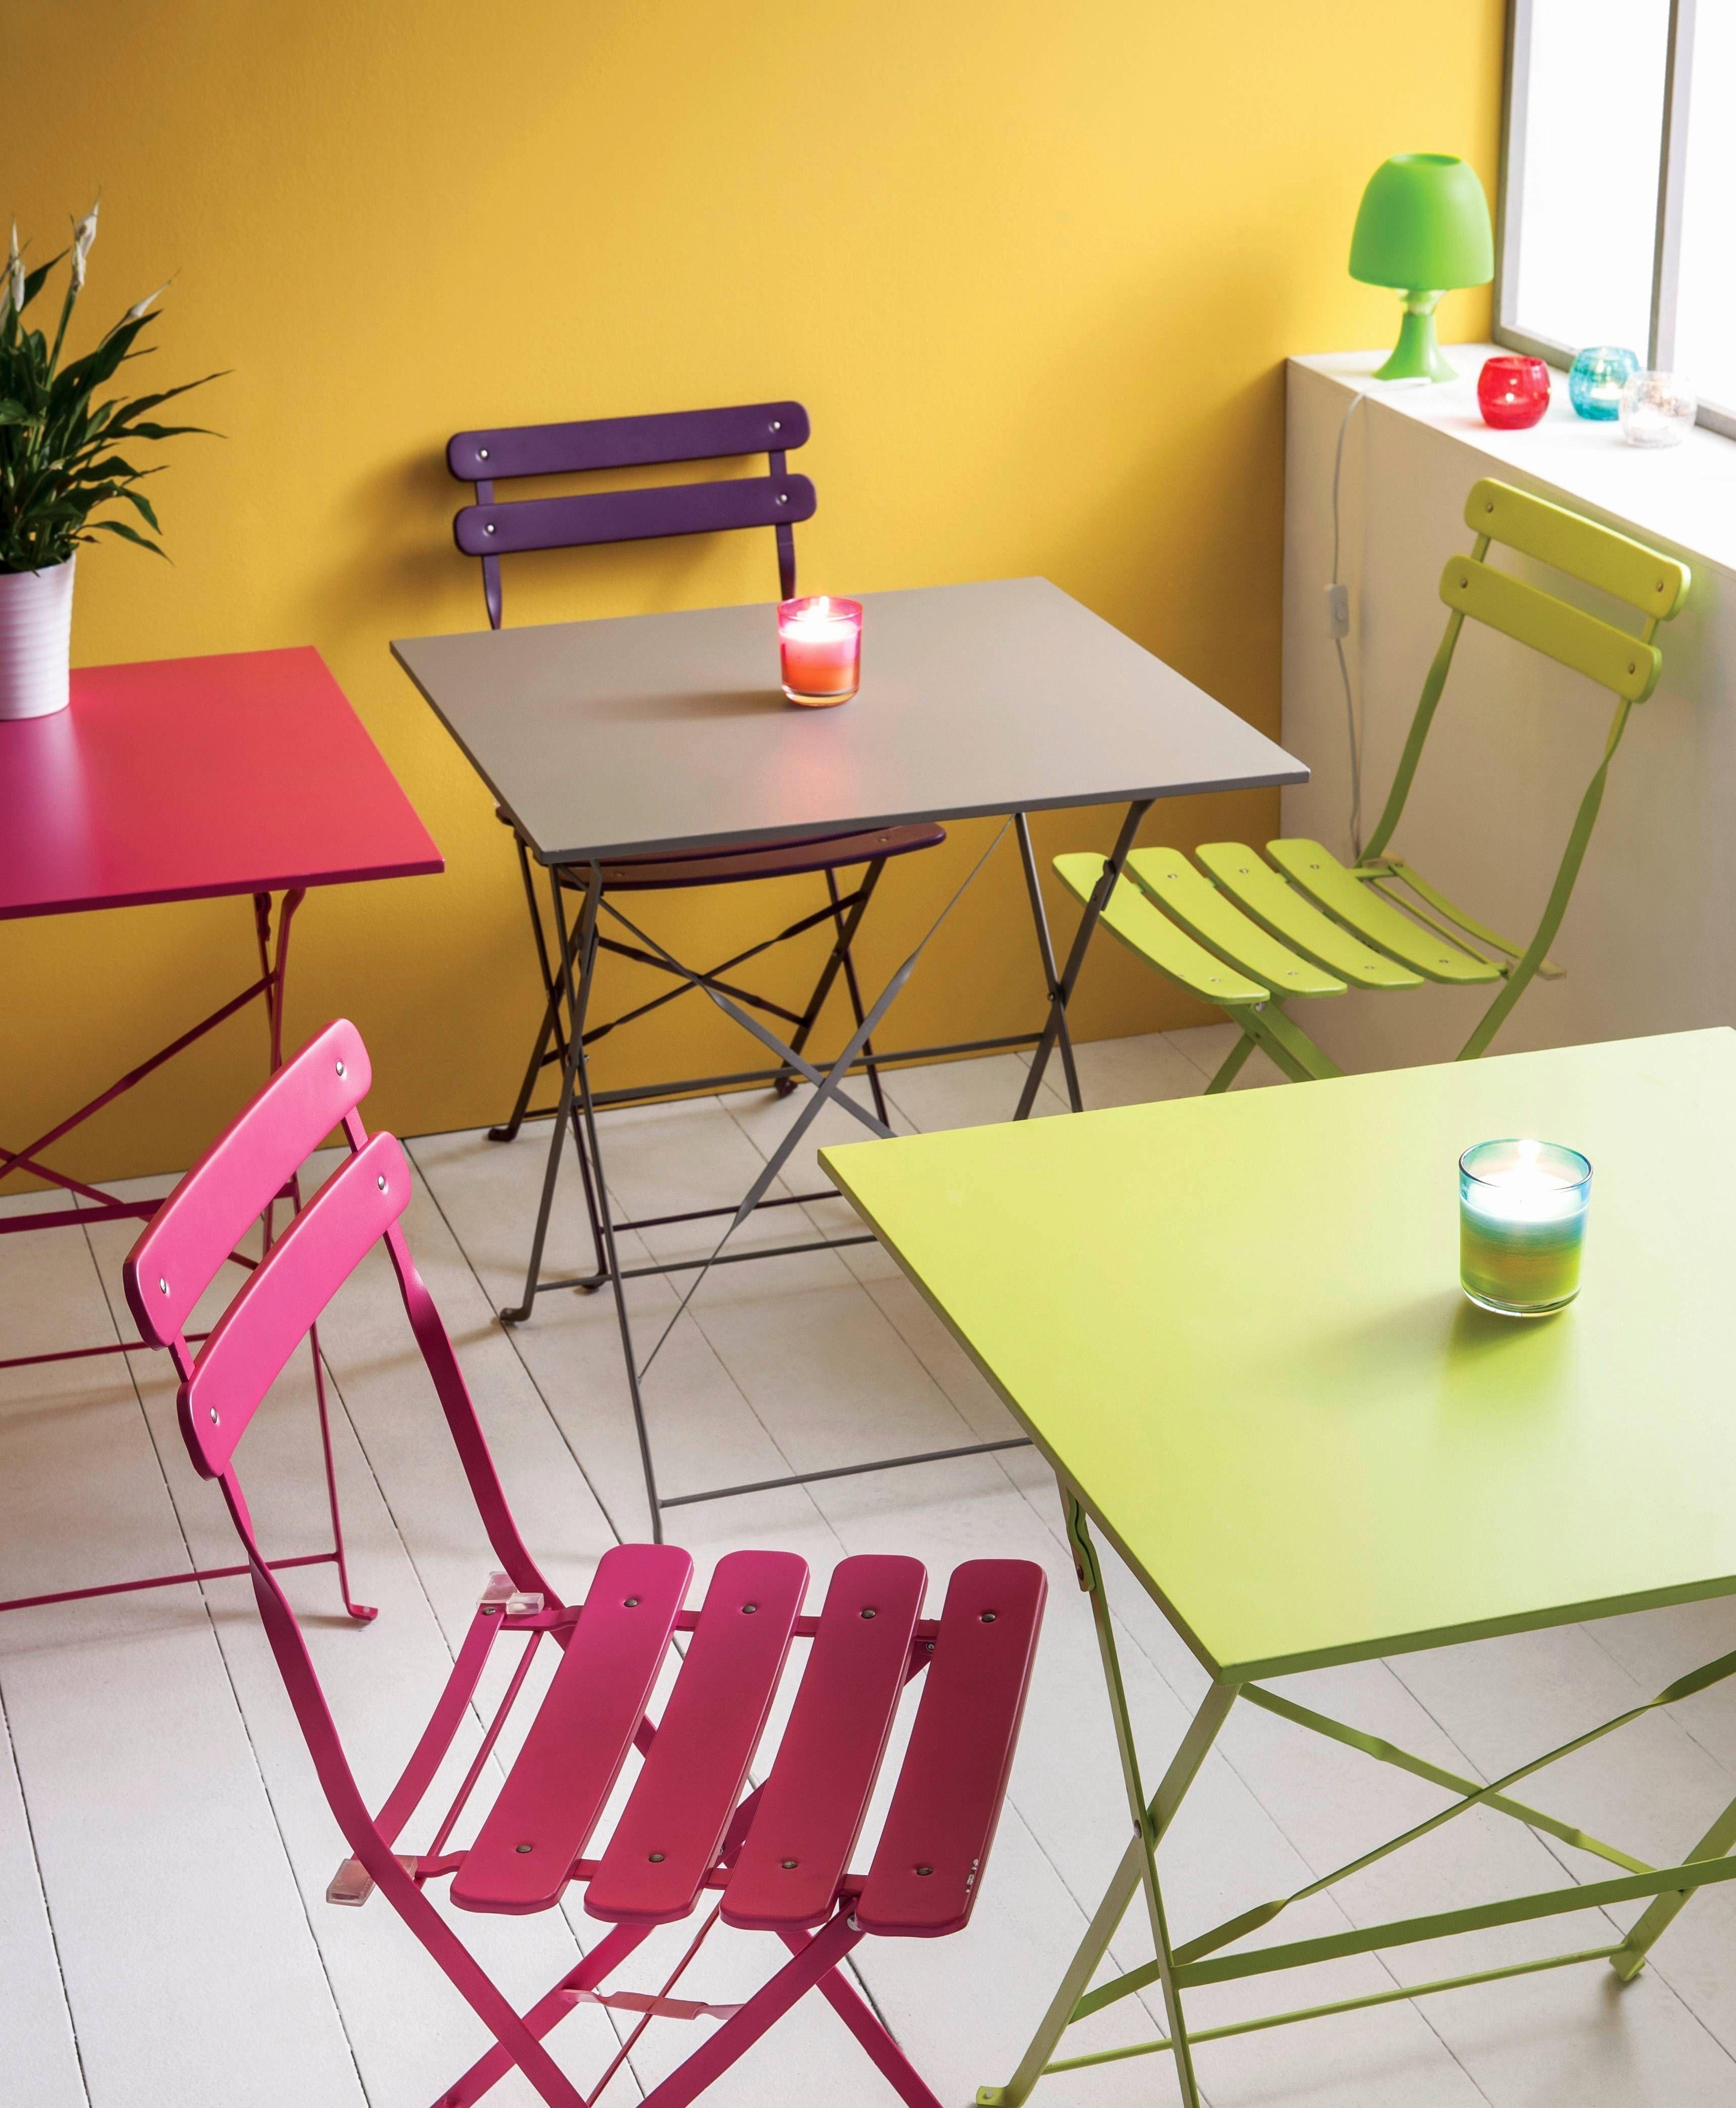 Lit A Barreau Pas Cher Unique Exceptionnel Table Et Chaise Scandinave Pas Cher  Chaise Barreaux